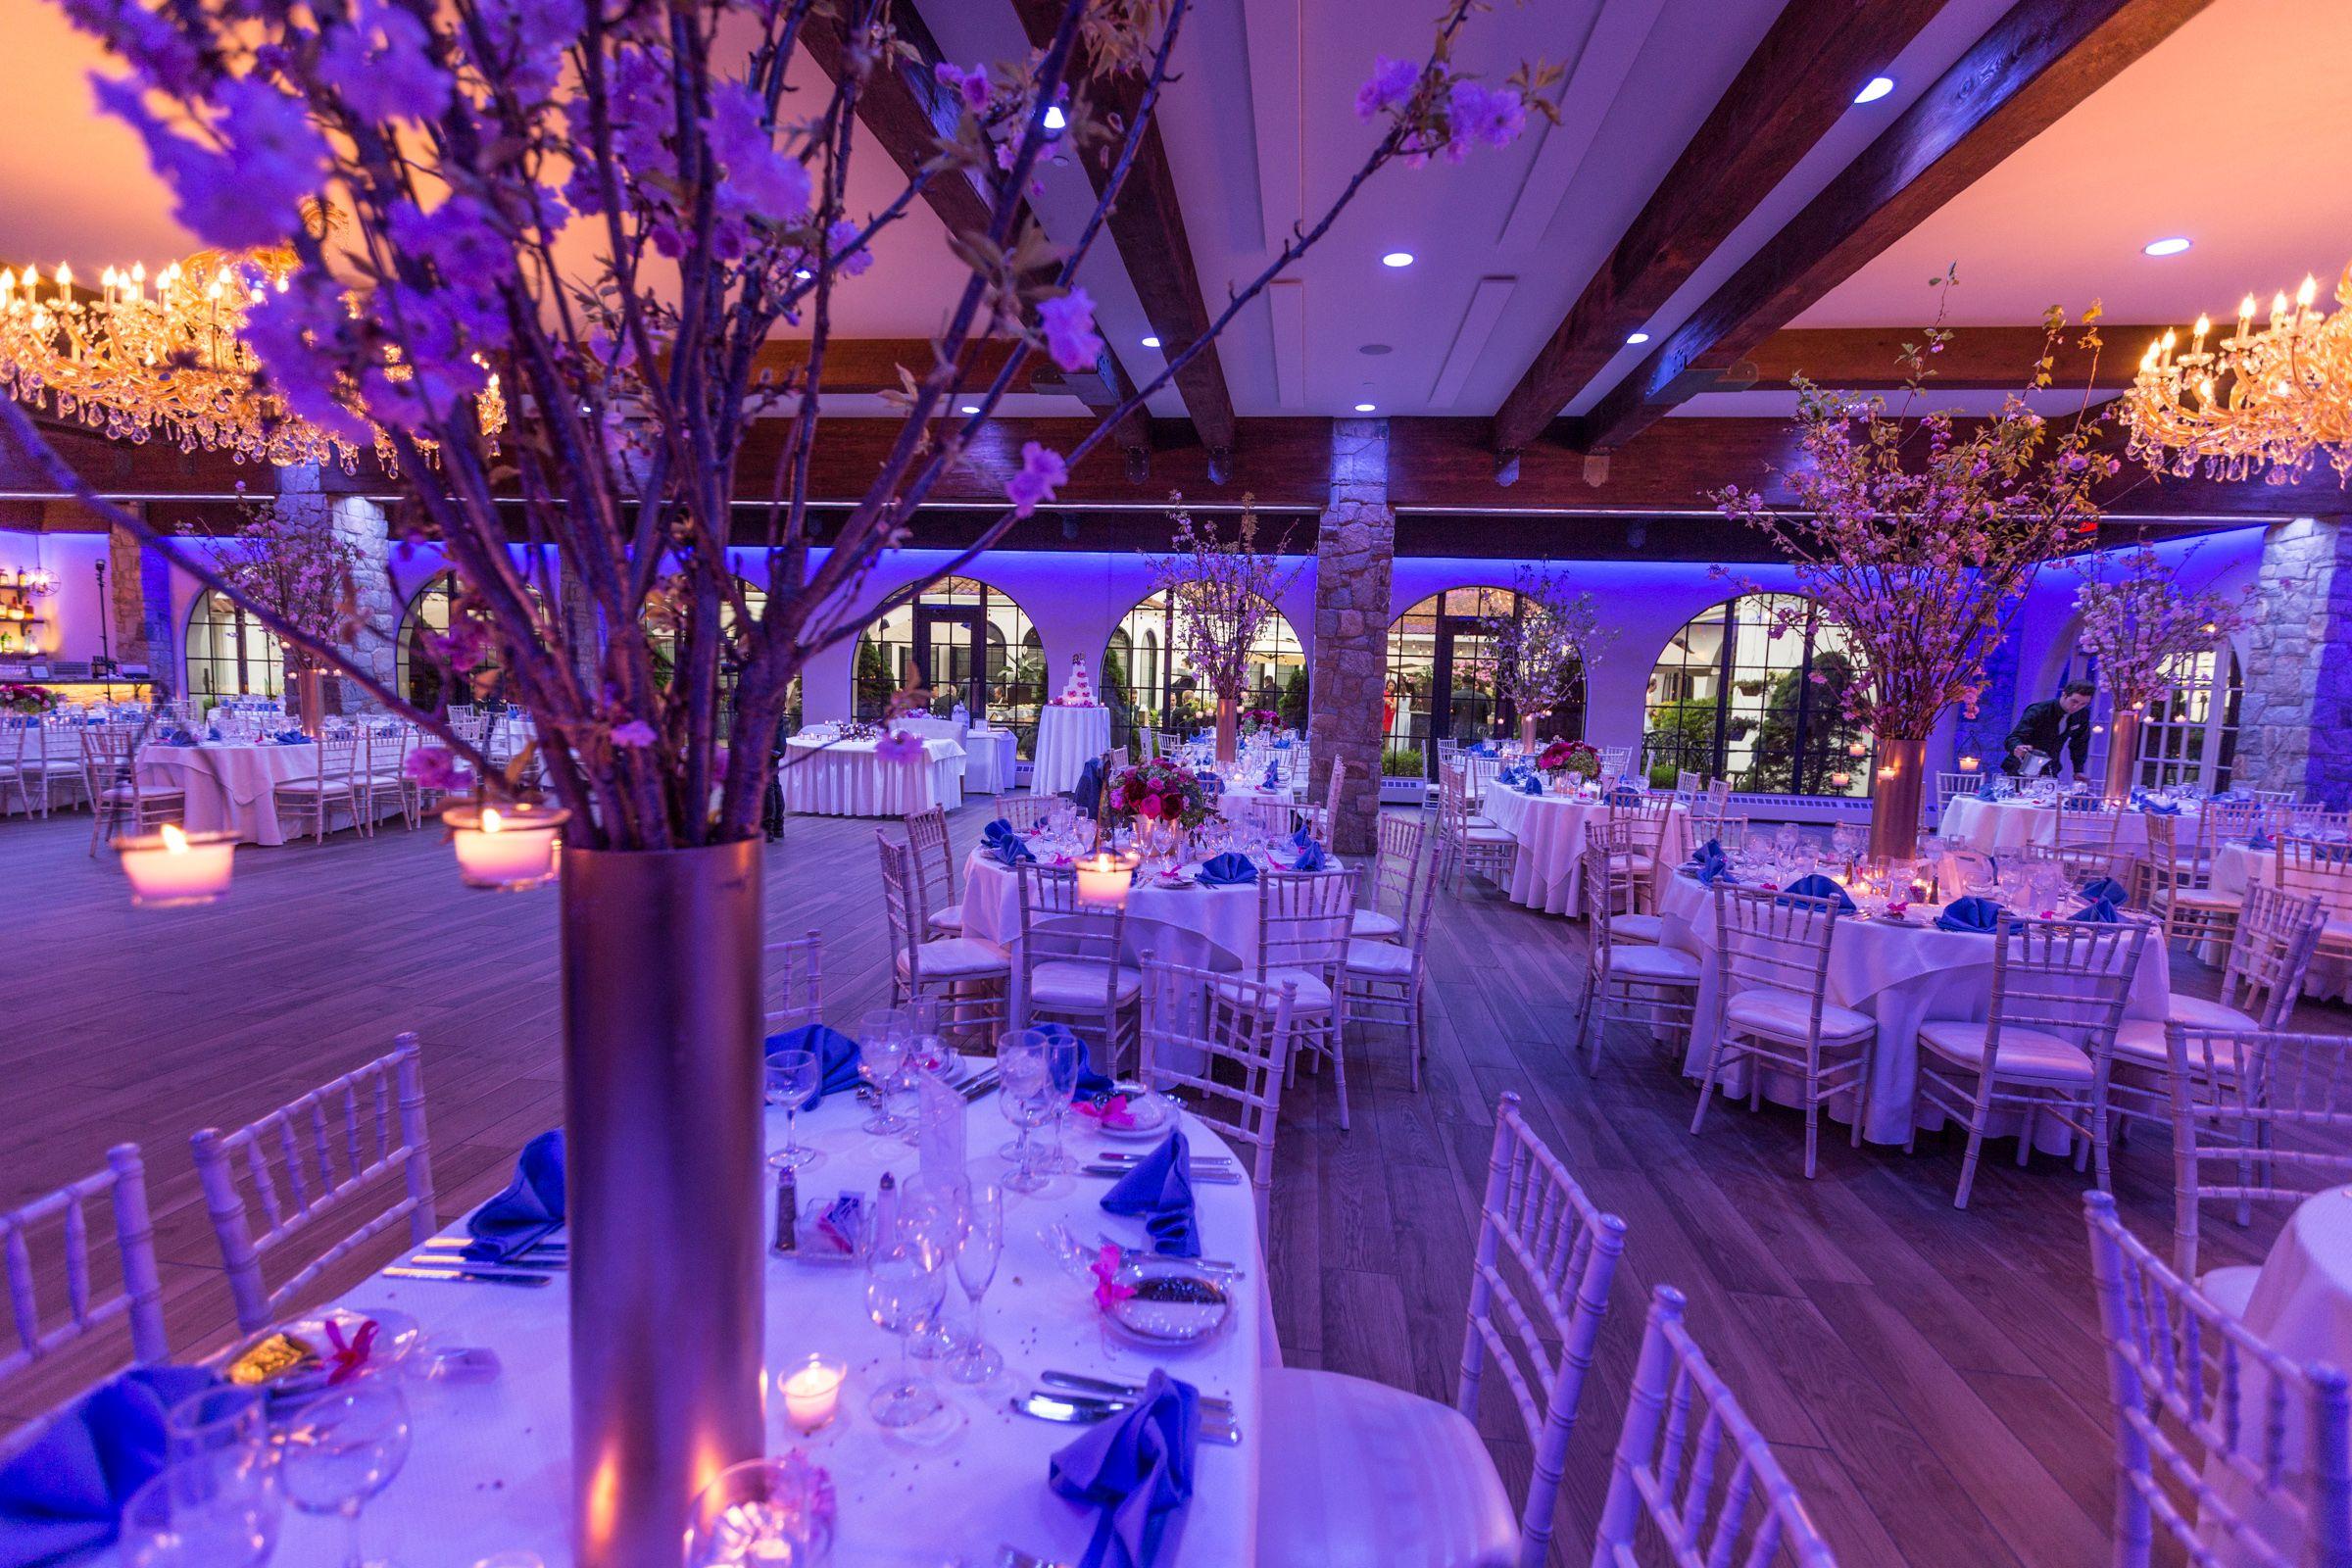 Rustic Elegant Wedding Venue - The Reserve at | Rustic ...